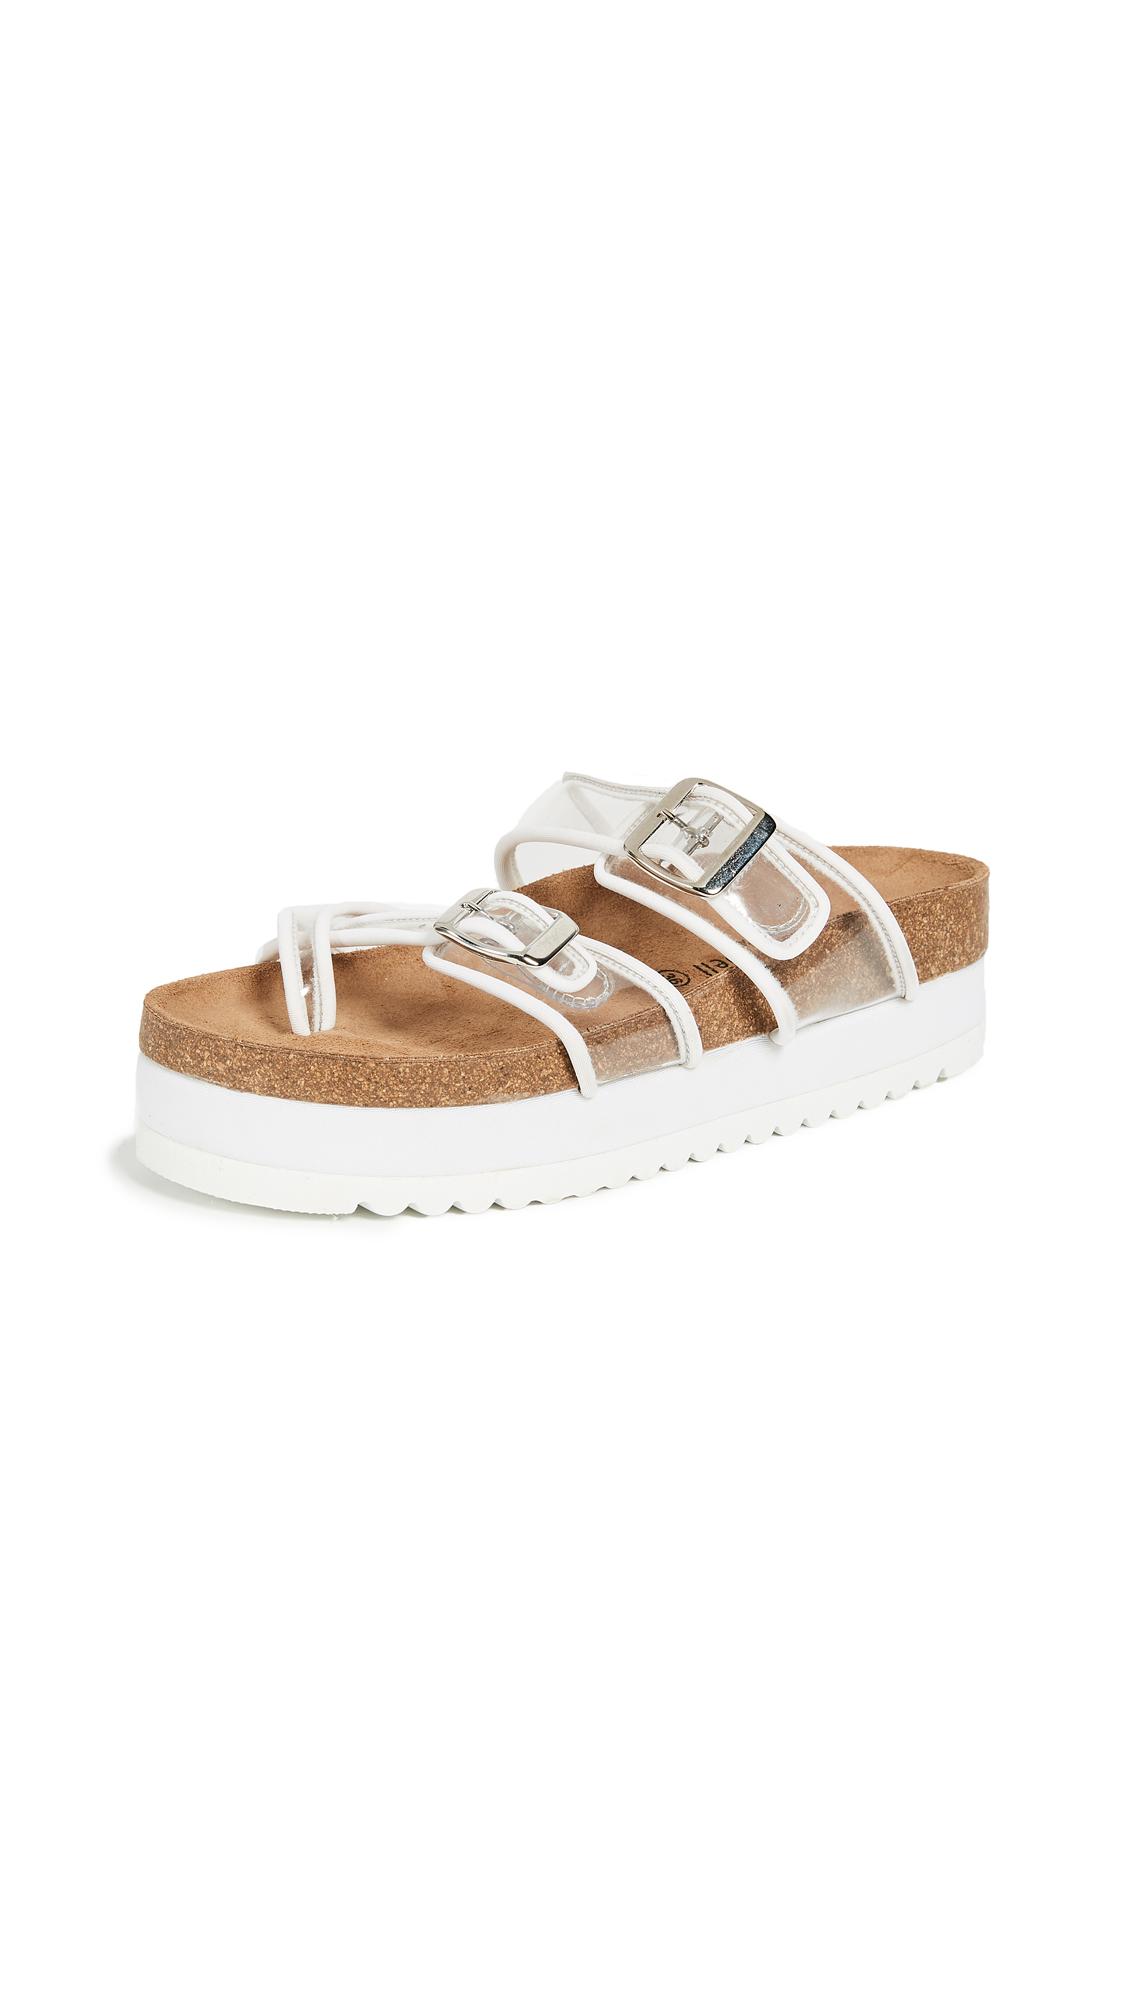 Jeffrey Campbell Fatu PVC Sandals - White/Clear